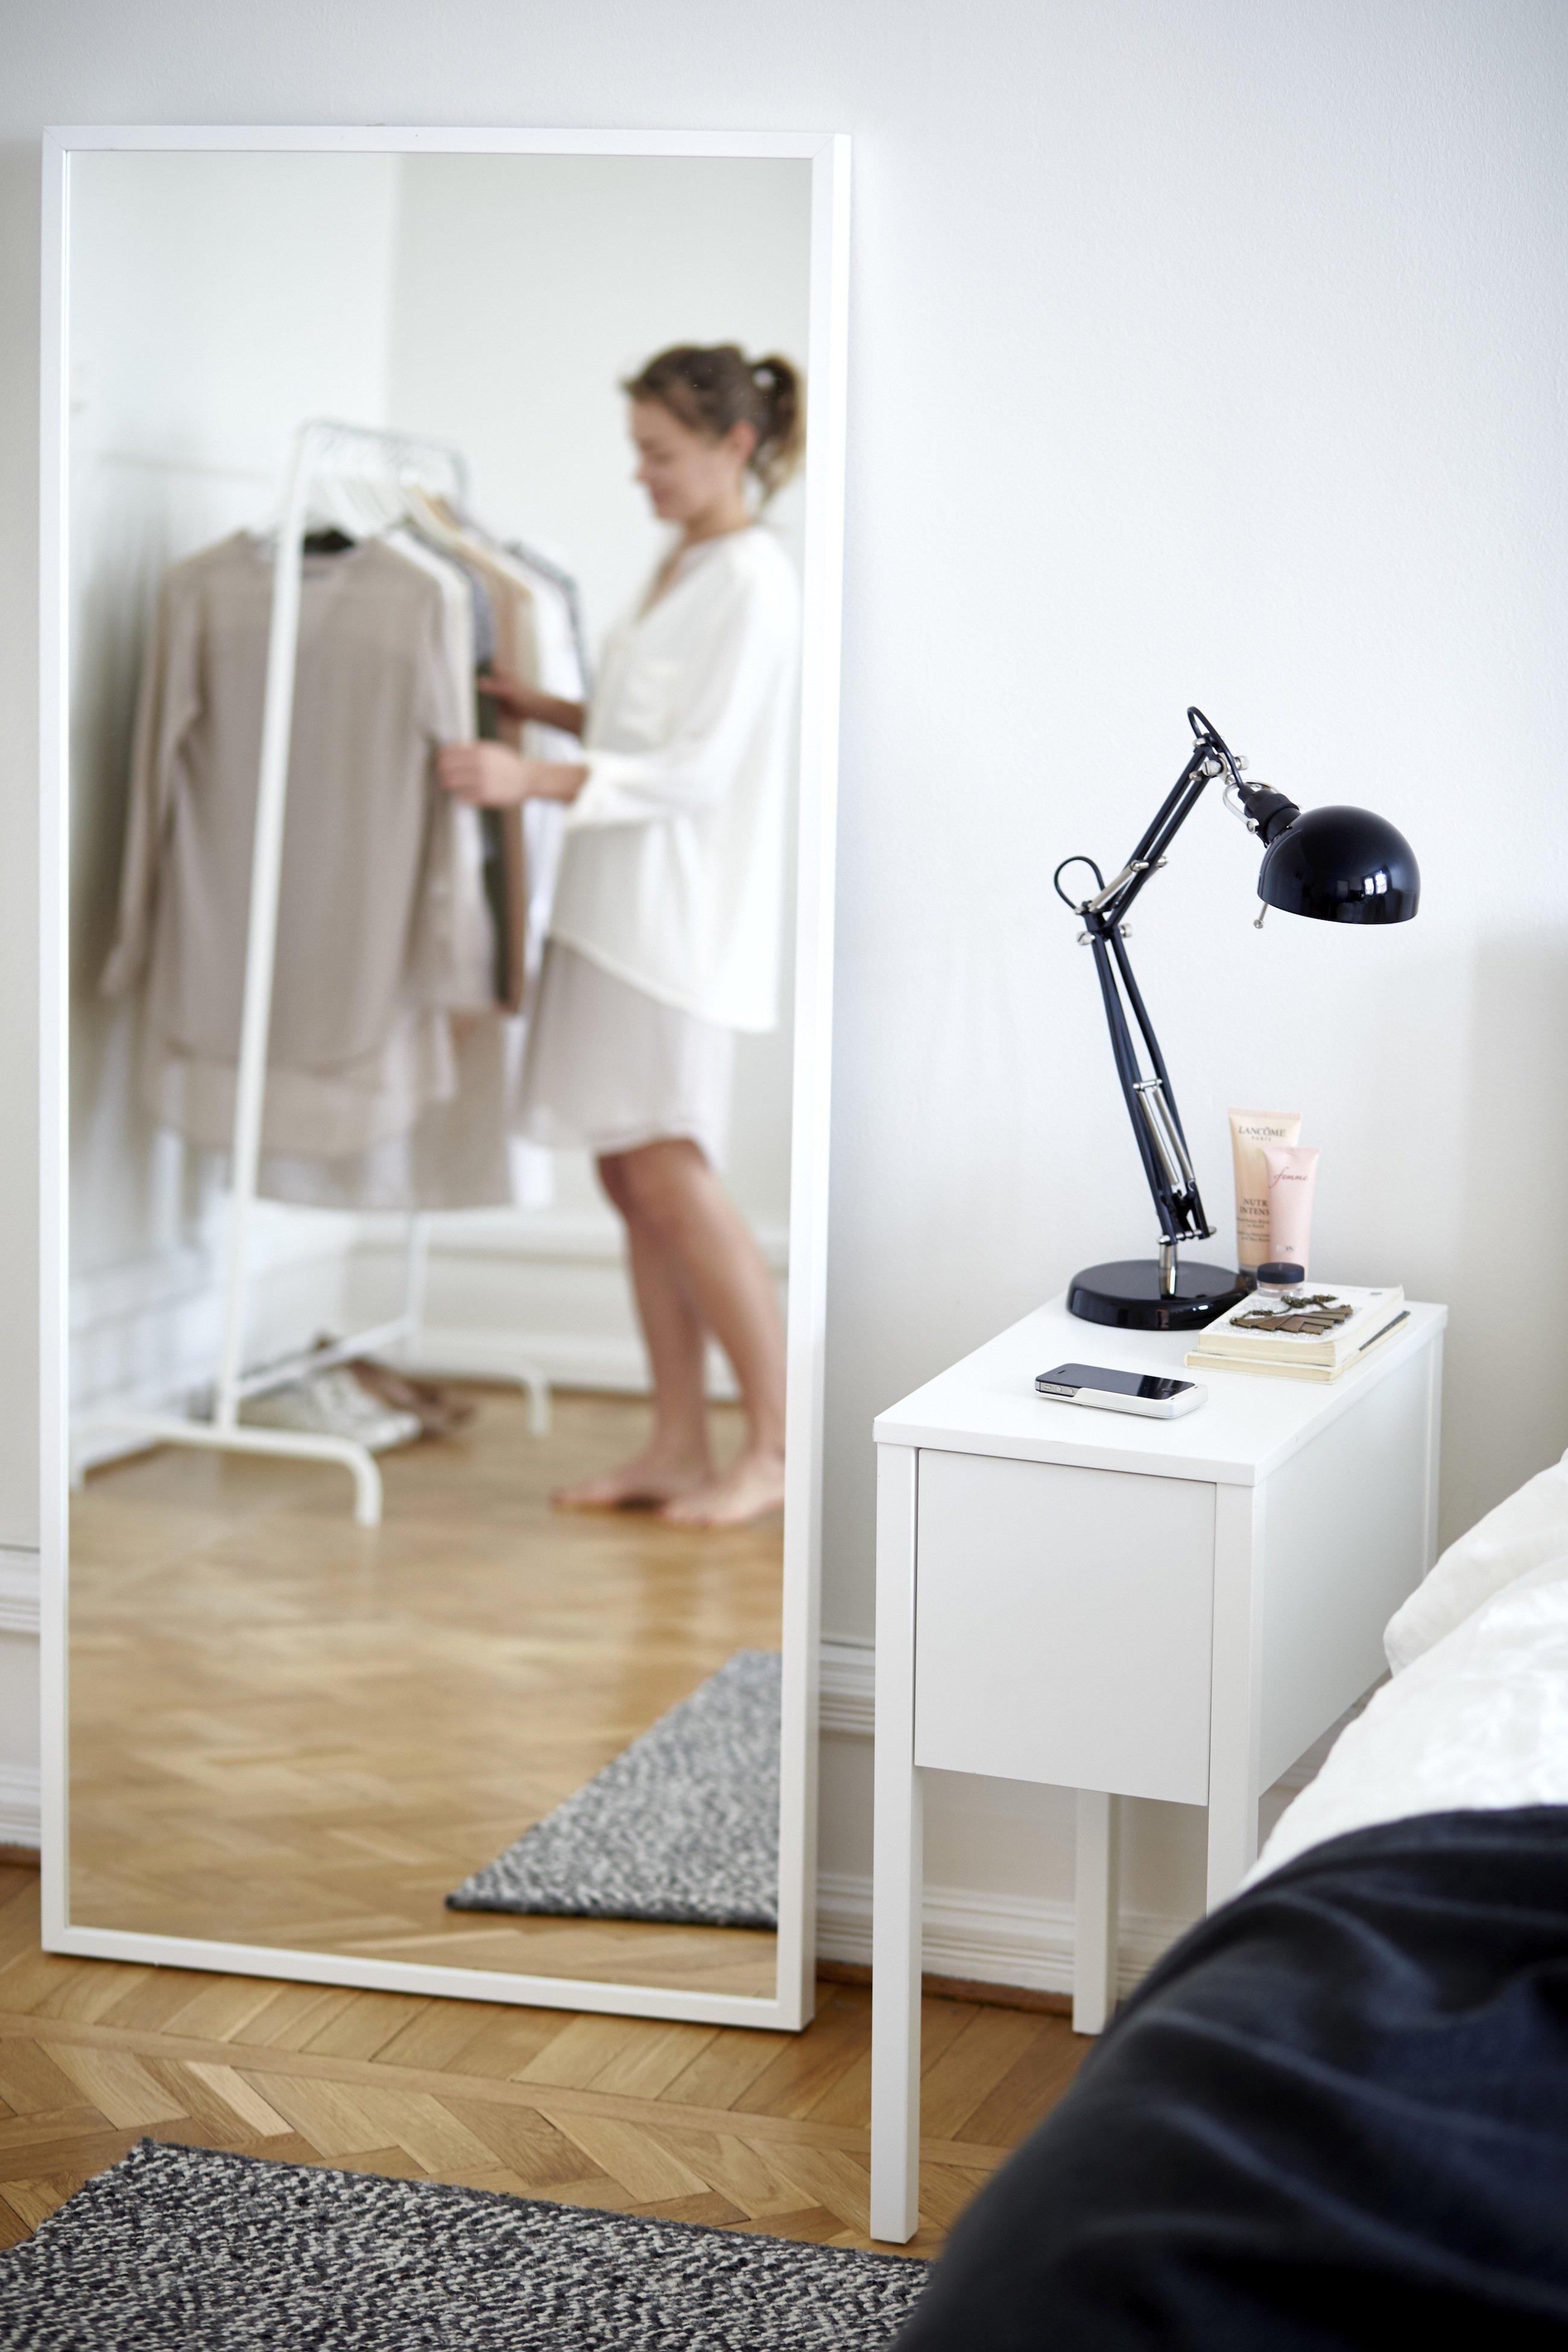 Laden im Schlaf: Demnächst gibt es Nachtkomoden von Ikea mit eingebauter Ladetechnik.